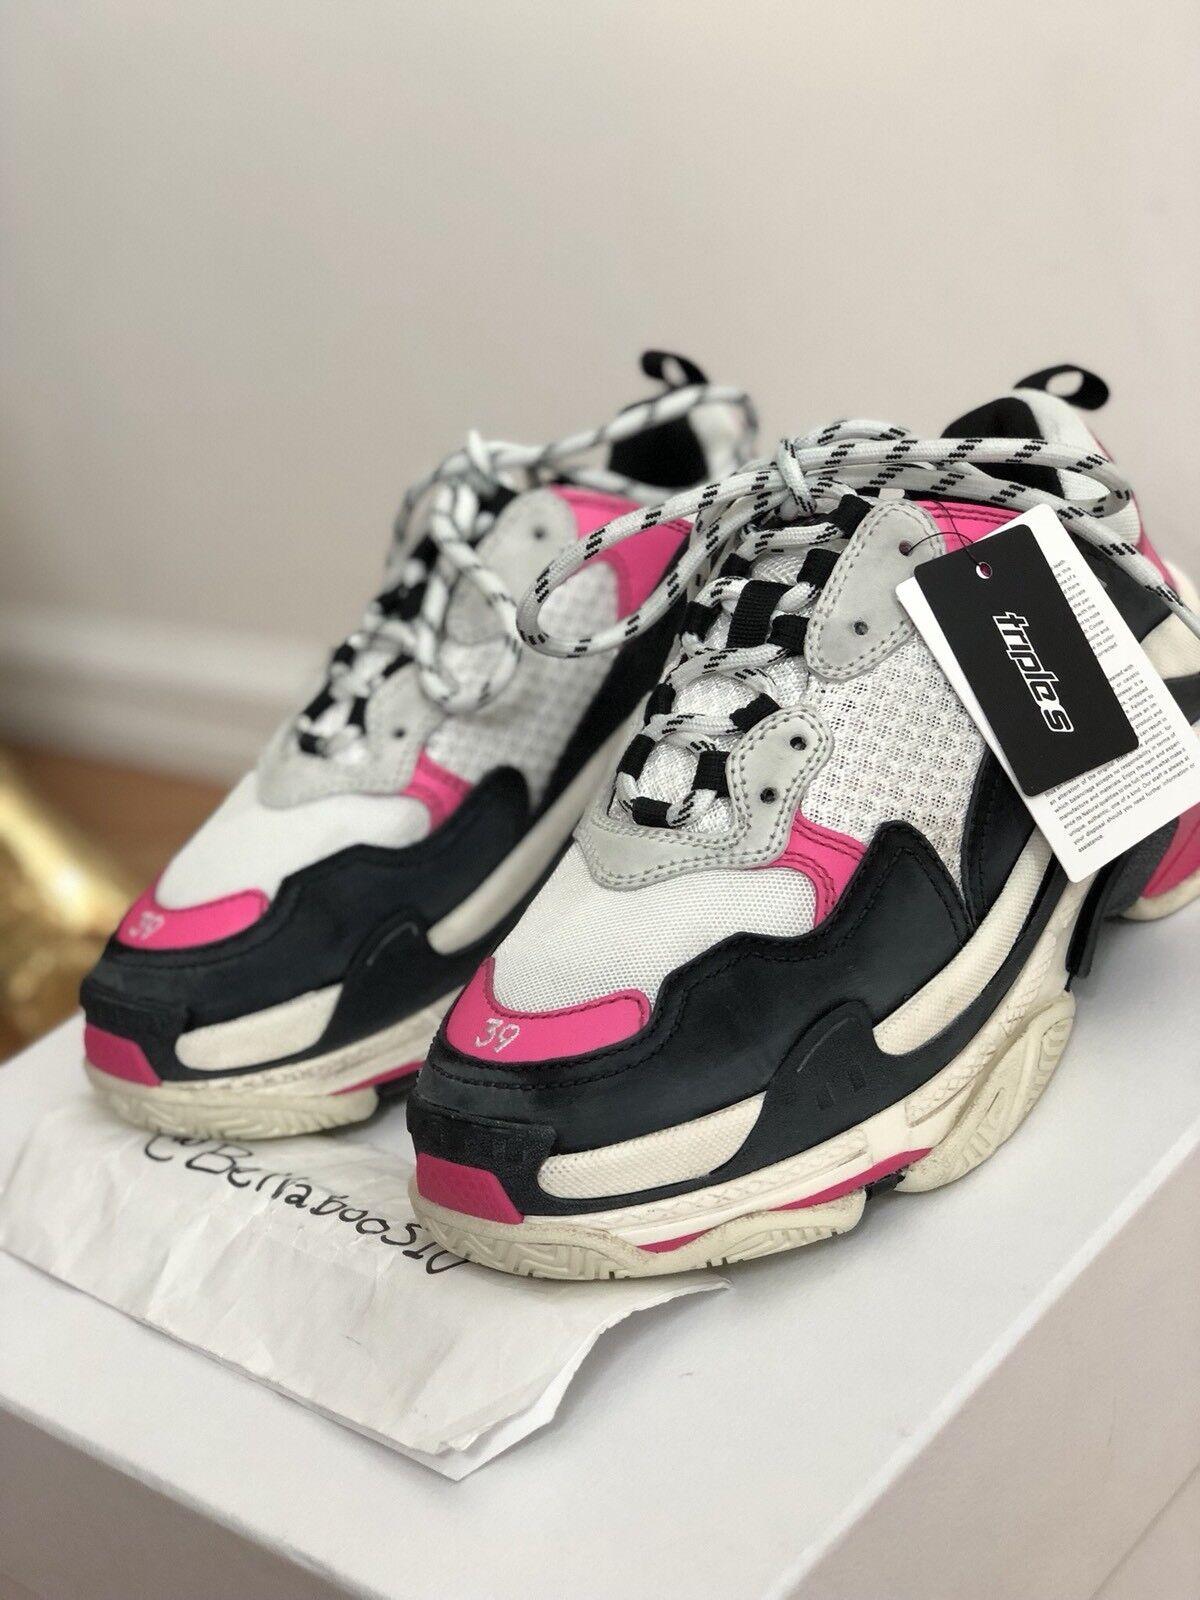 Balenciaga TRIPLE S Women's Sneaker in